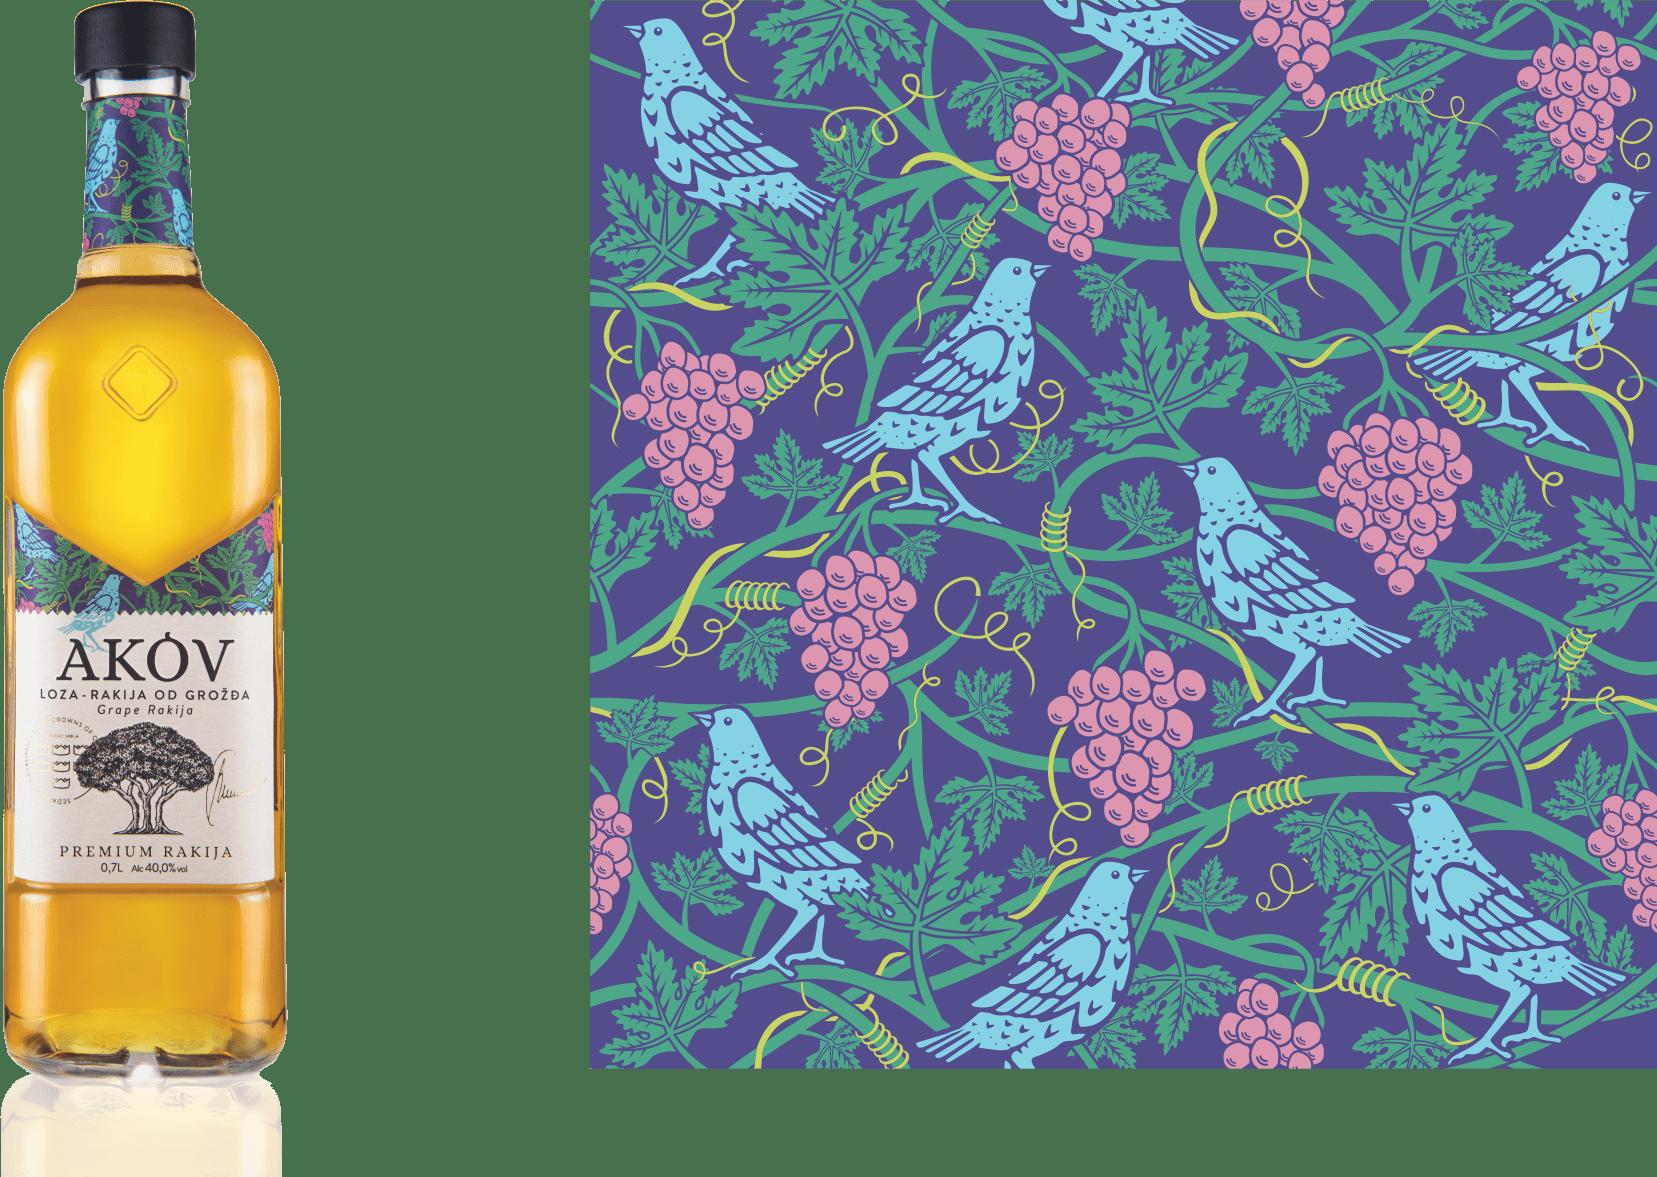 AKOV rakija loza od grozdja